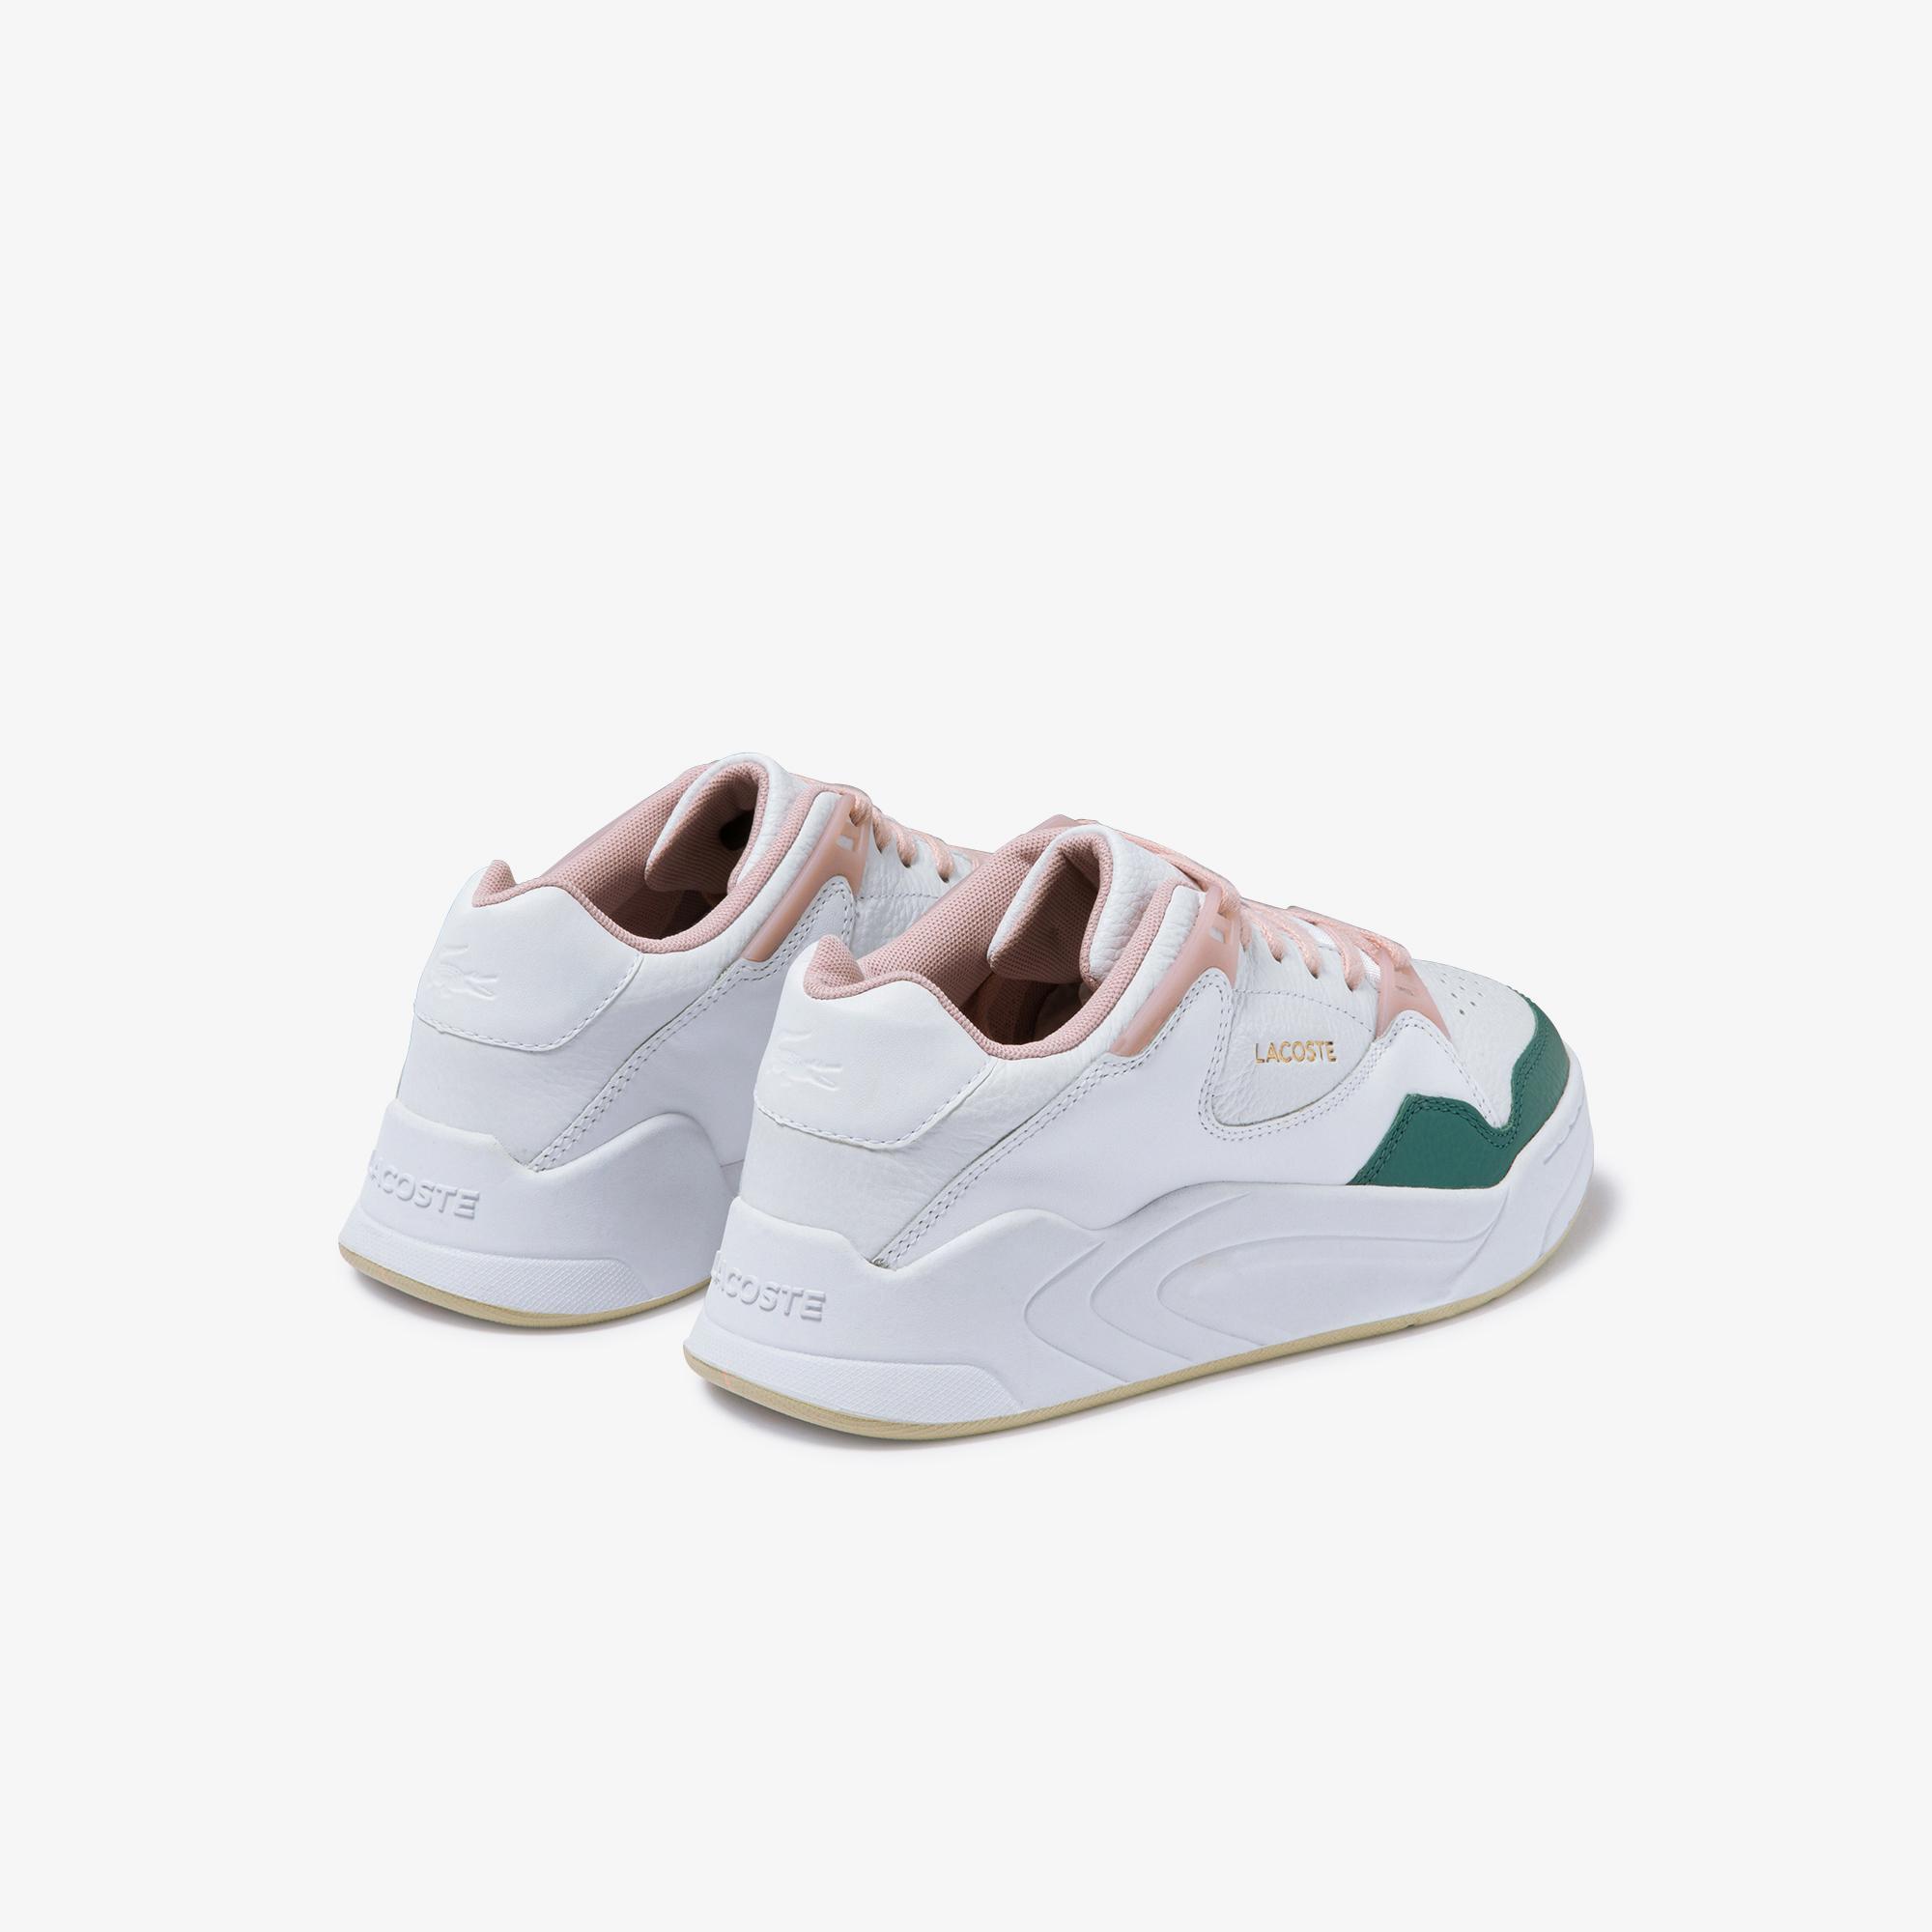 Lacoste Court Slam 120 2 Sfa Kadın Beyaz - Pudra Deri Sneaker